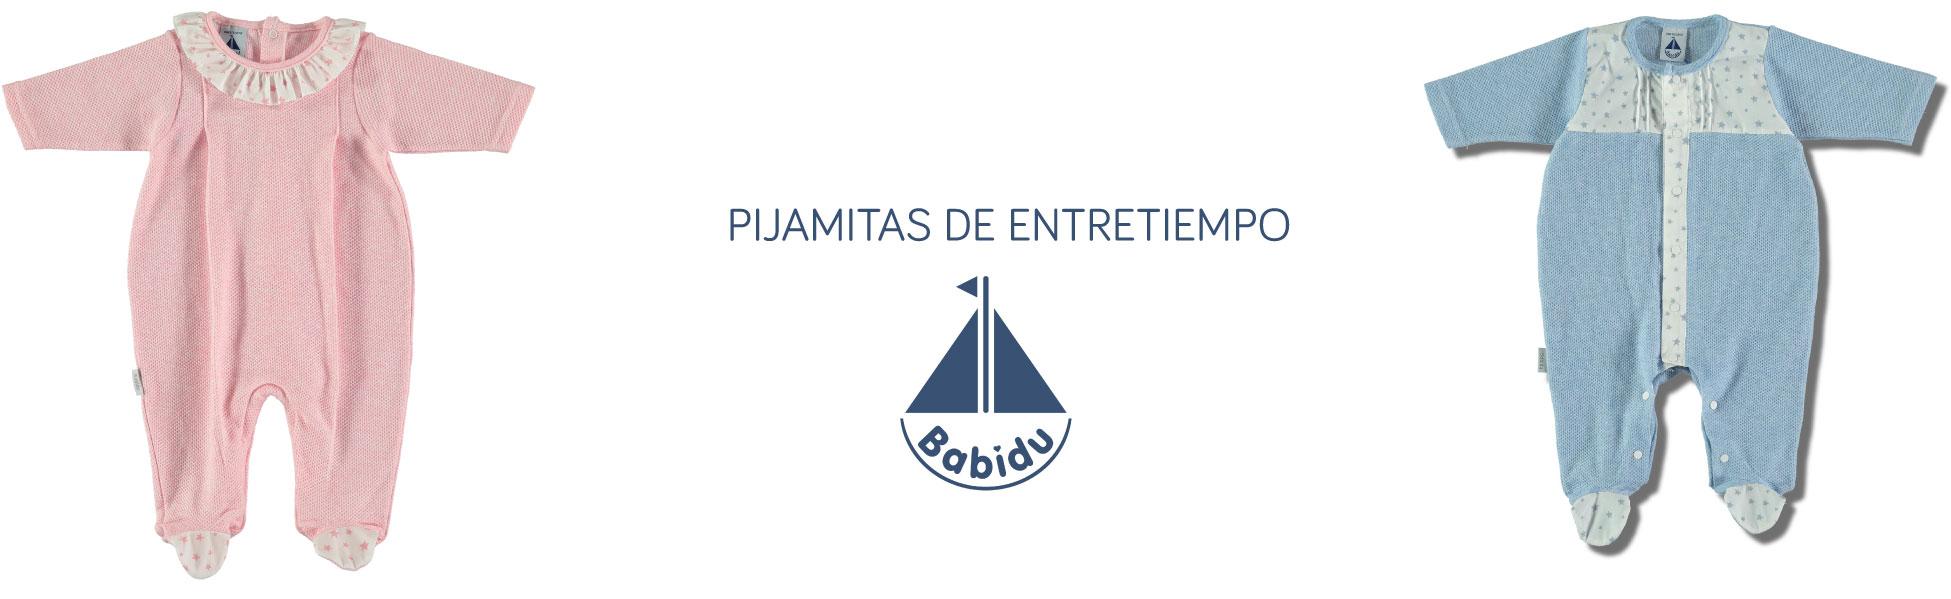 PIJAMITAS-DE-ENTRETIEMPO